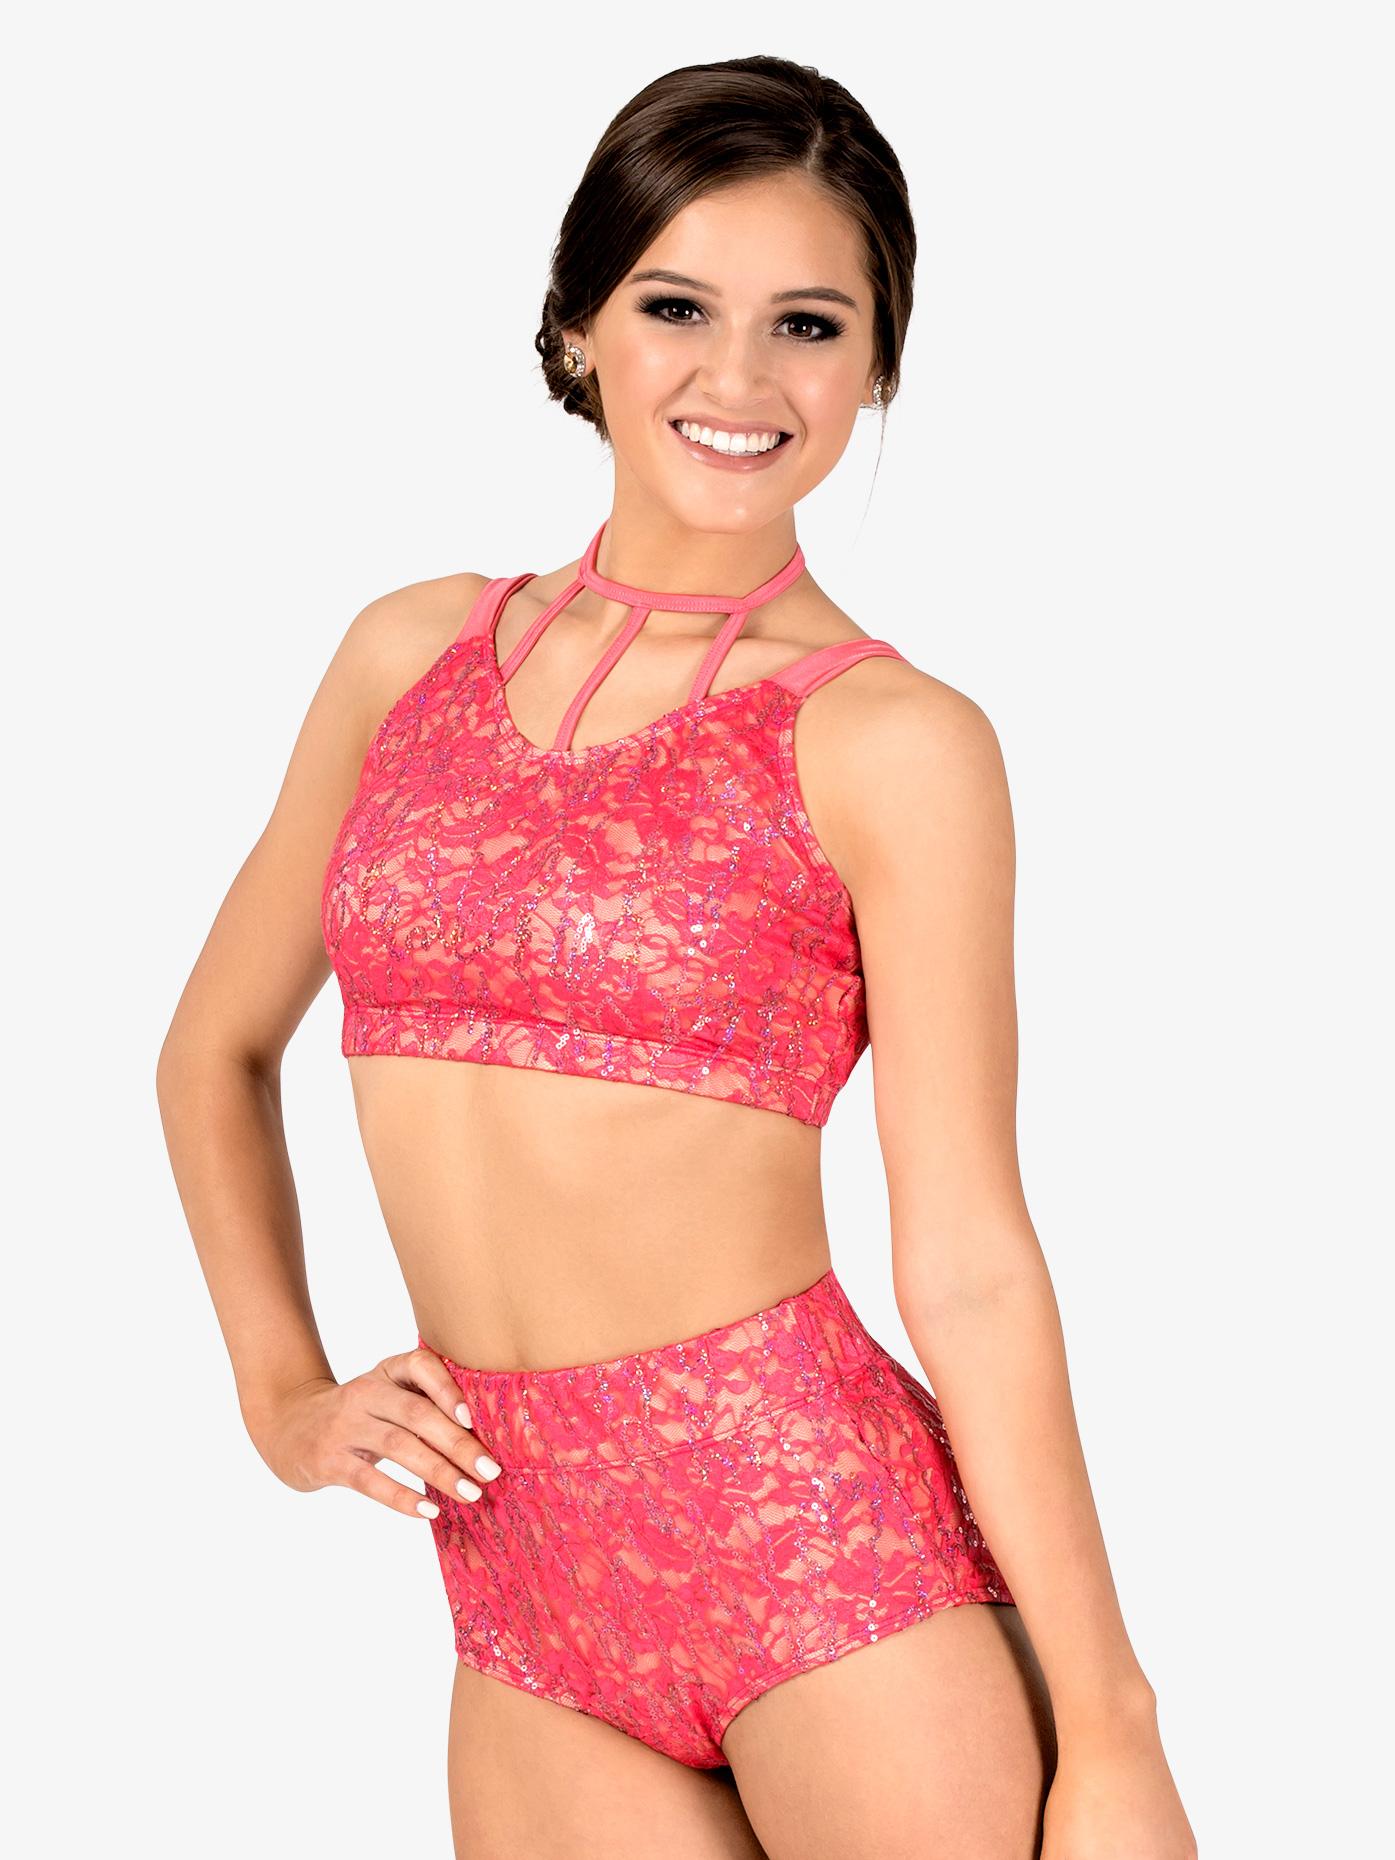 Double Platinum Womens Sequin Lace 2-Piece Dance Costume Set N7563